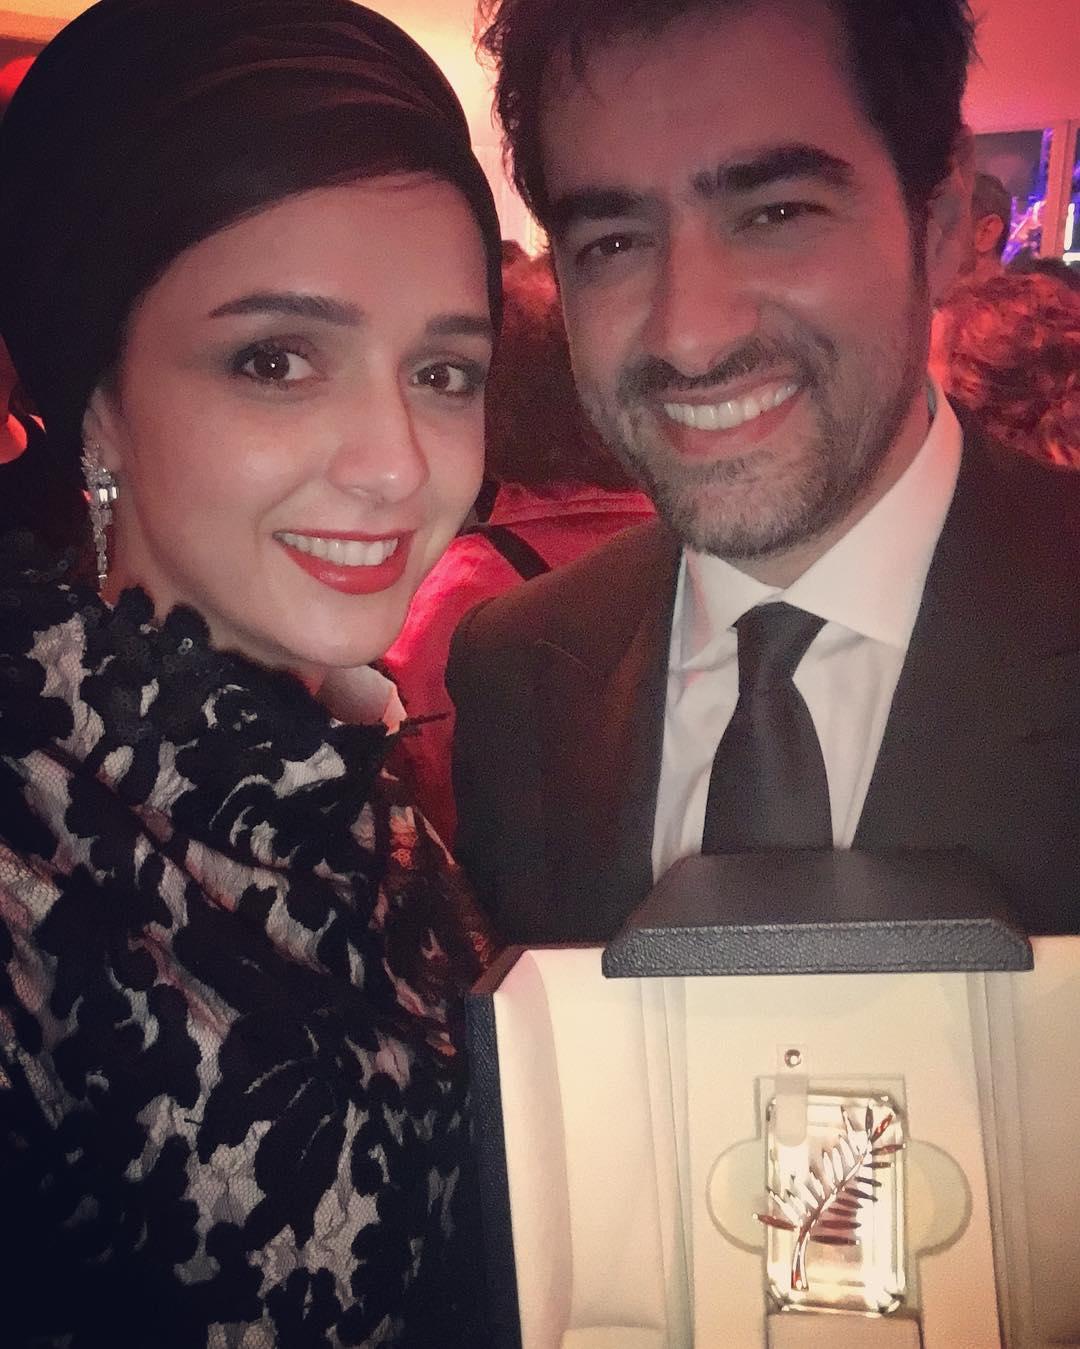 جریان مهاجرت شهاب حسینی و همسرش به آمریکا از چه قرار است؟ +تصاویر